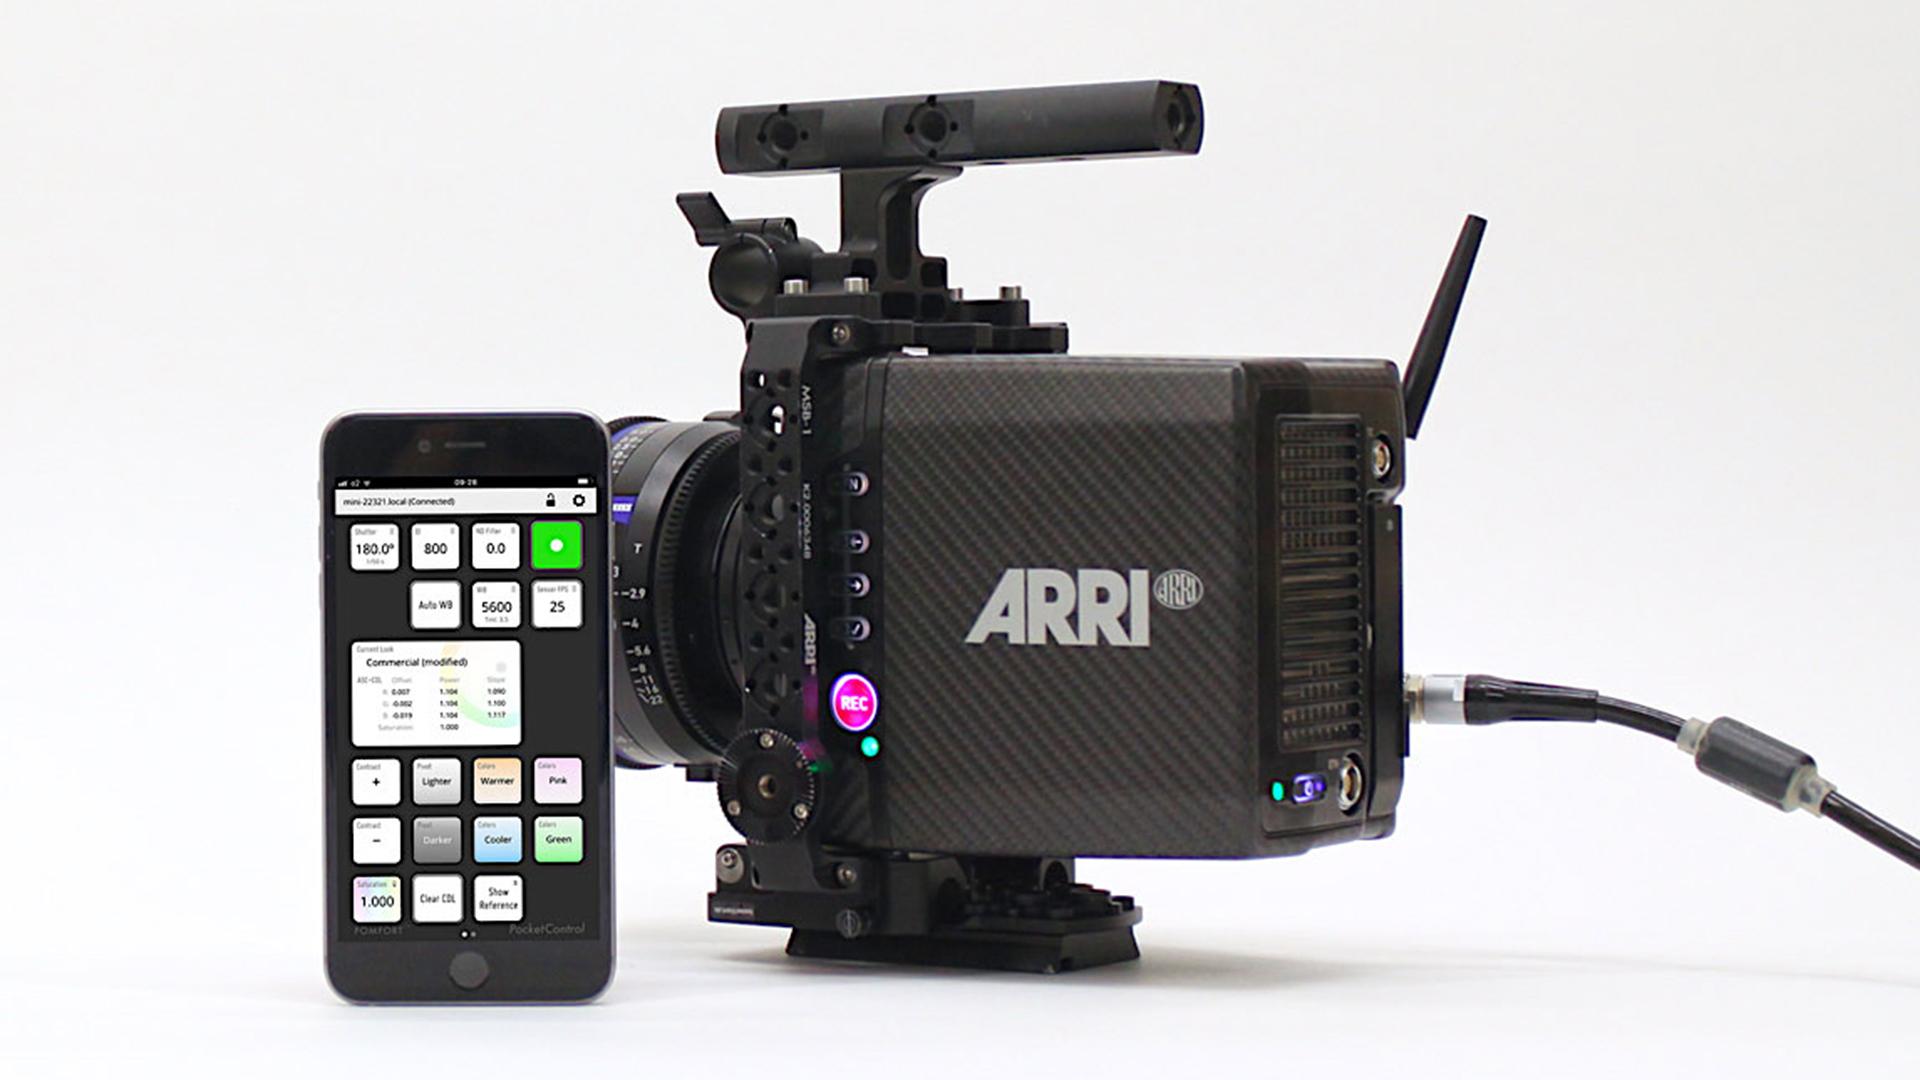 PomfortがARRI ALEXA MiniとAMIRA用リモートアプリを発表